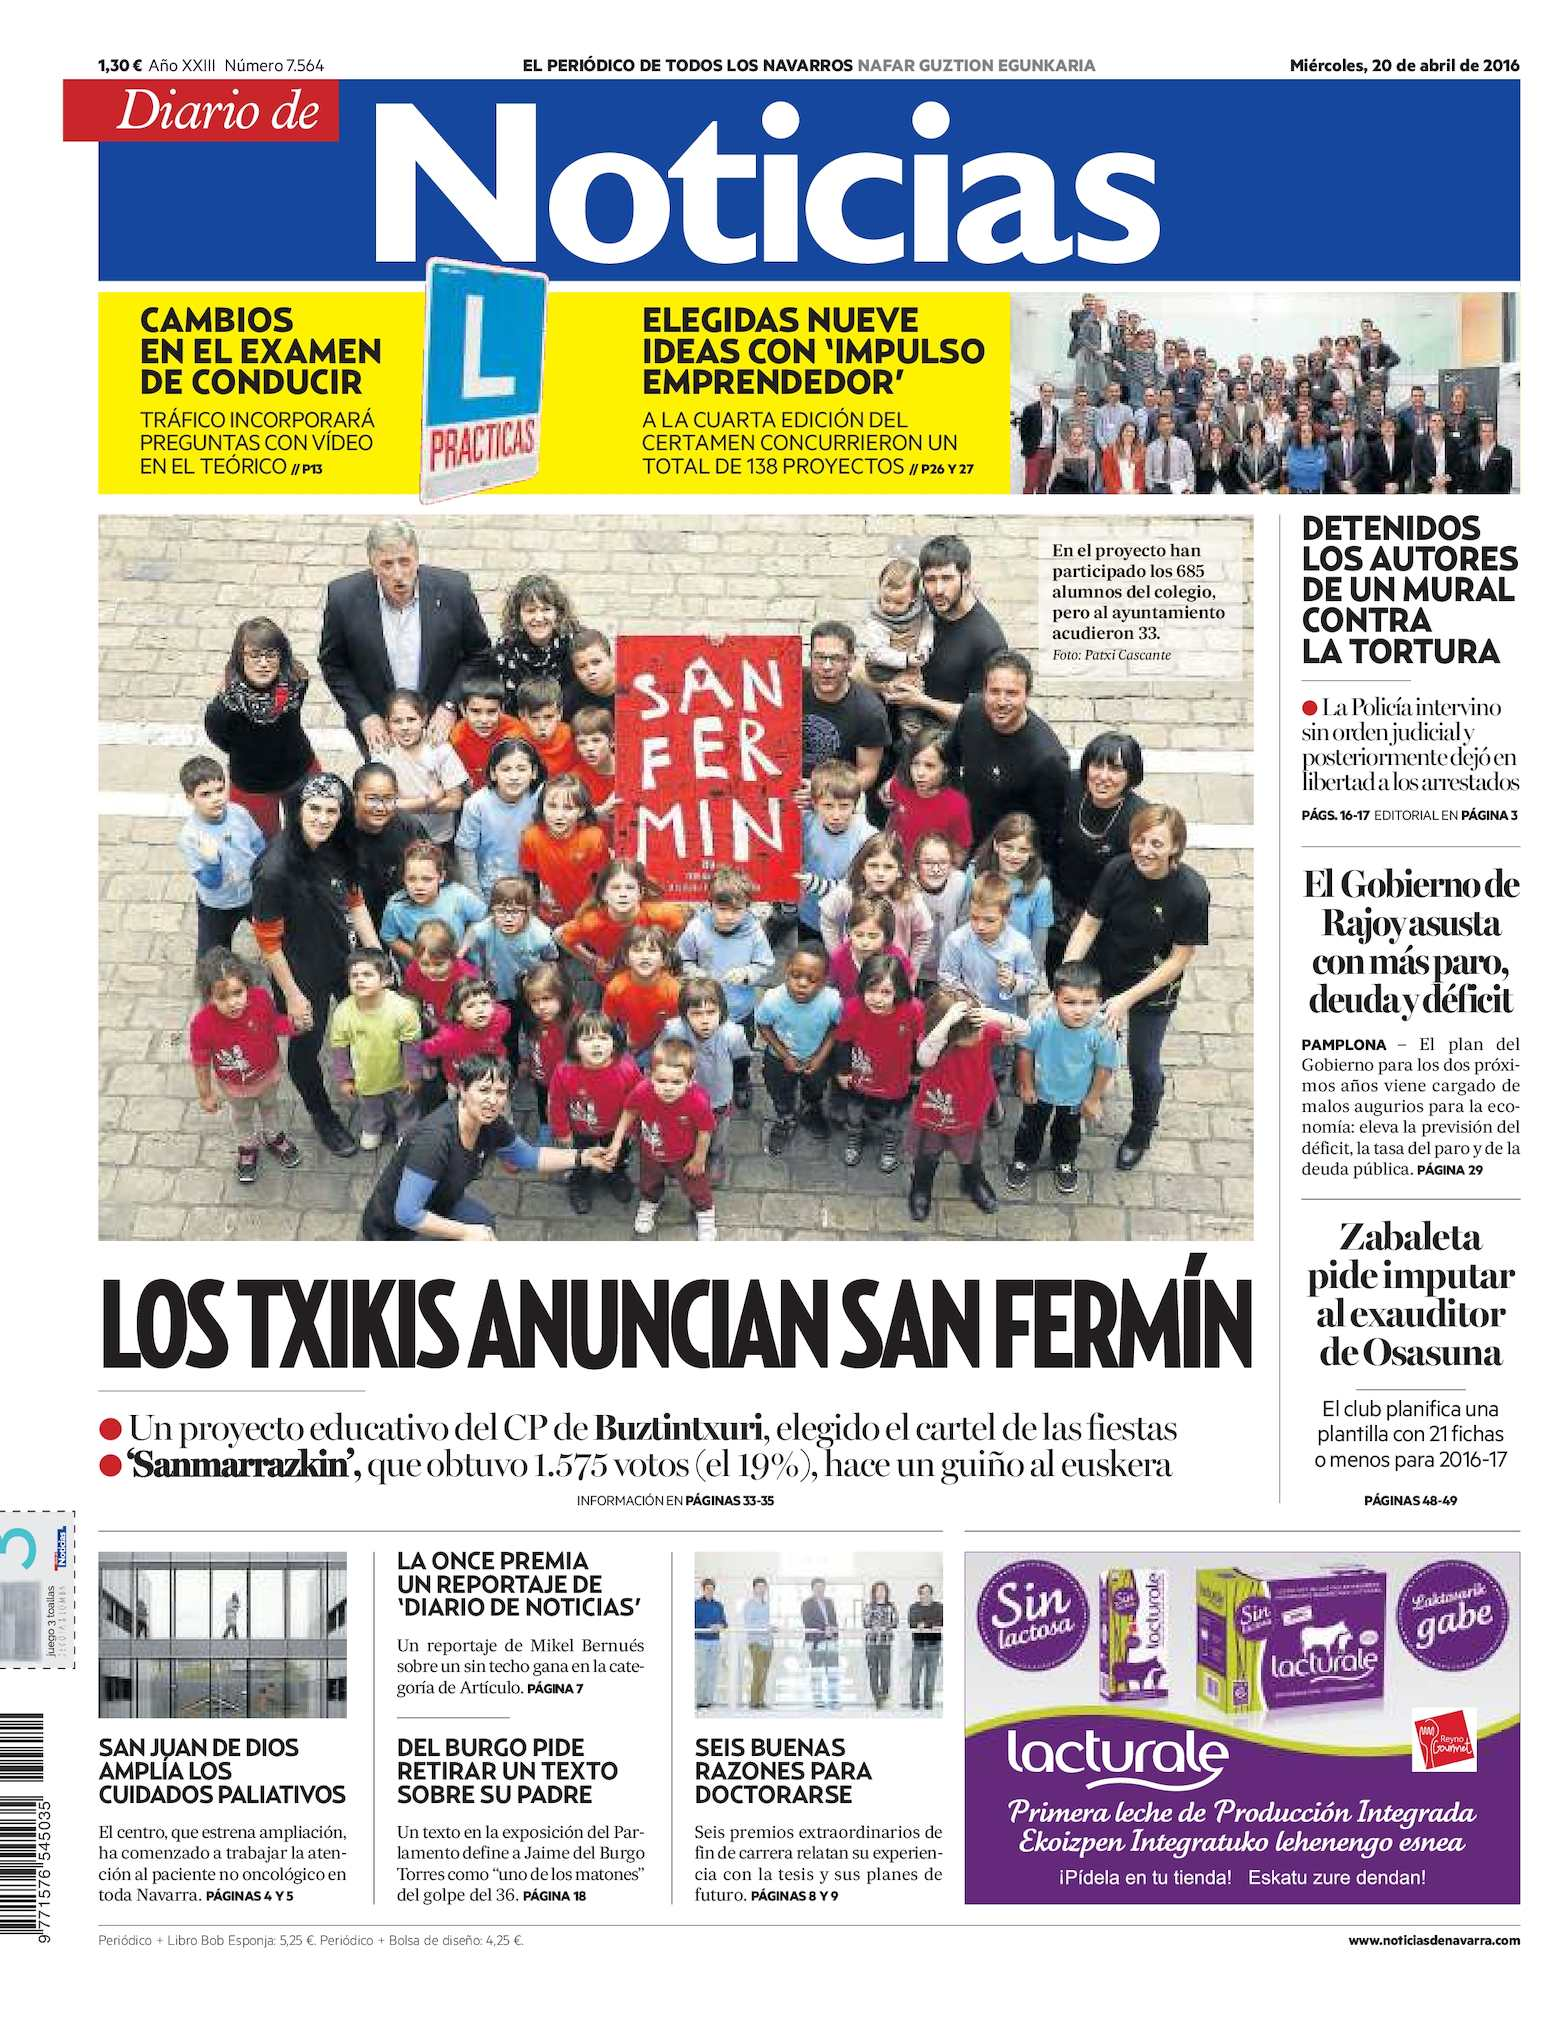 Calaméo - Diario de Noticias 20160420